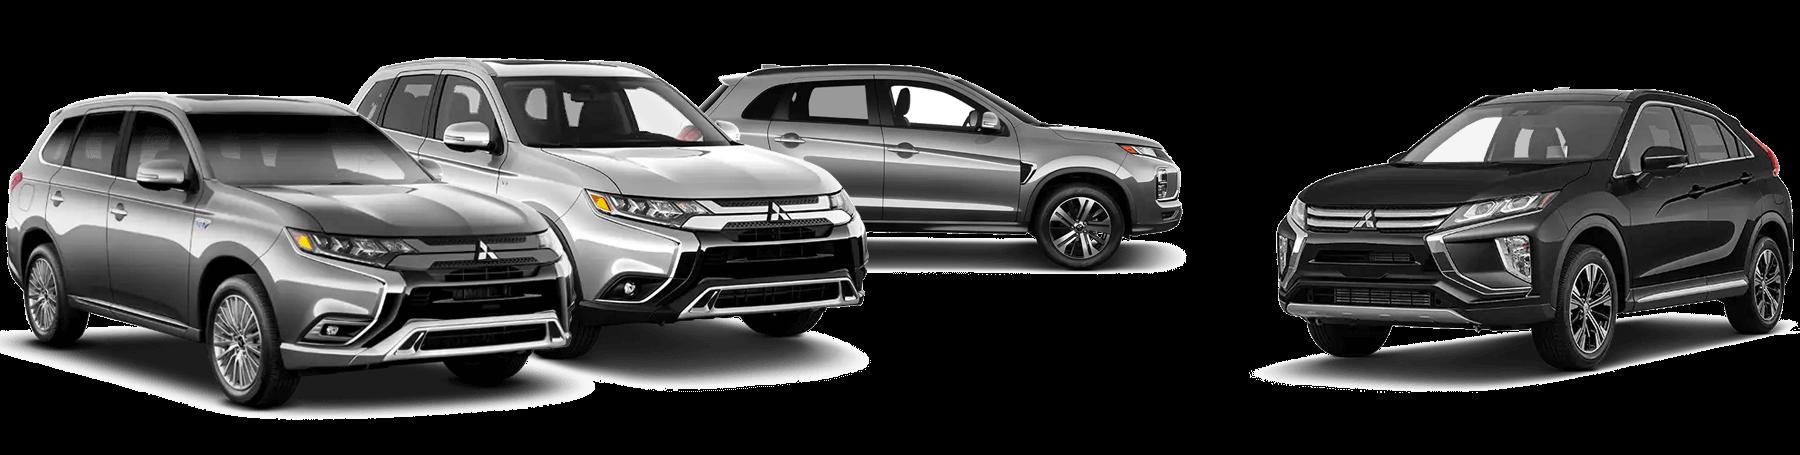 2020 Mitsubishi SUV Lineup